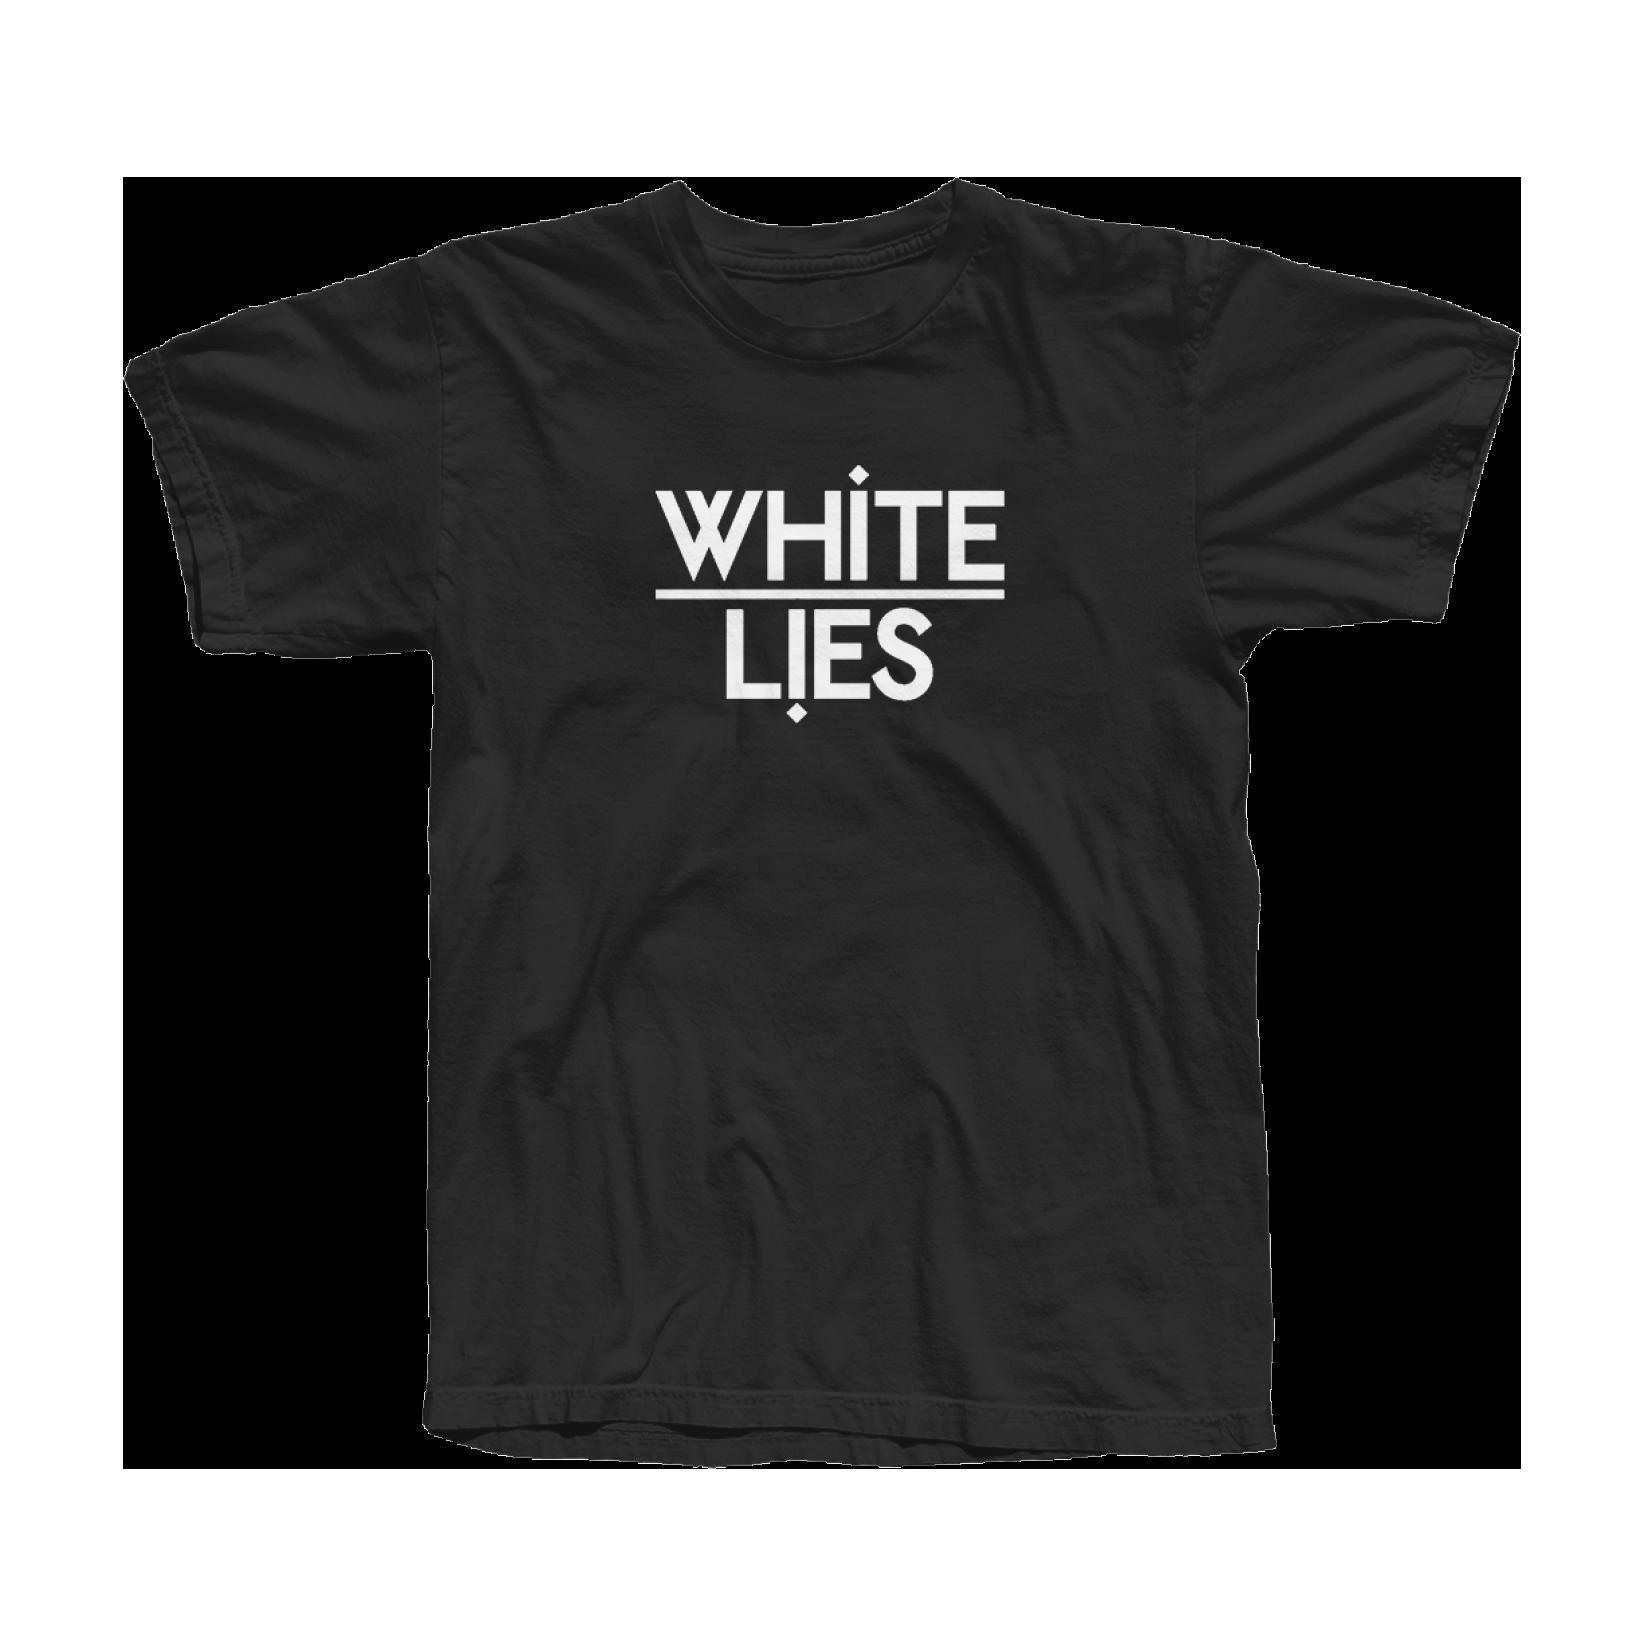 Ladies Classic Logo T-shirt - Black - White Lies